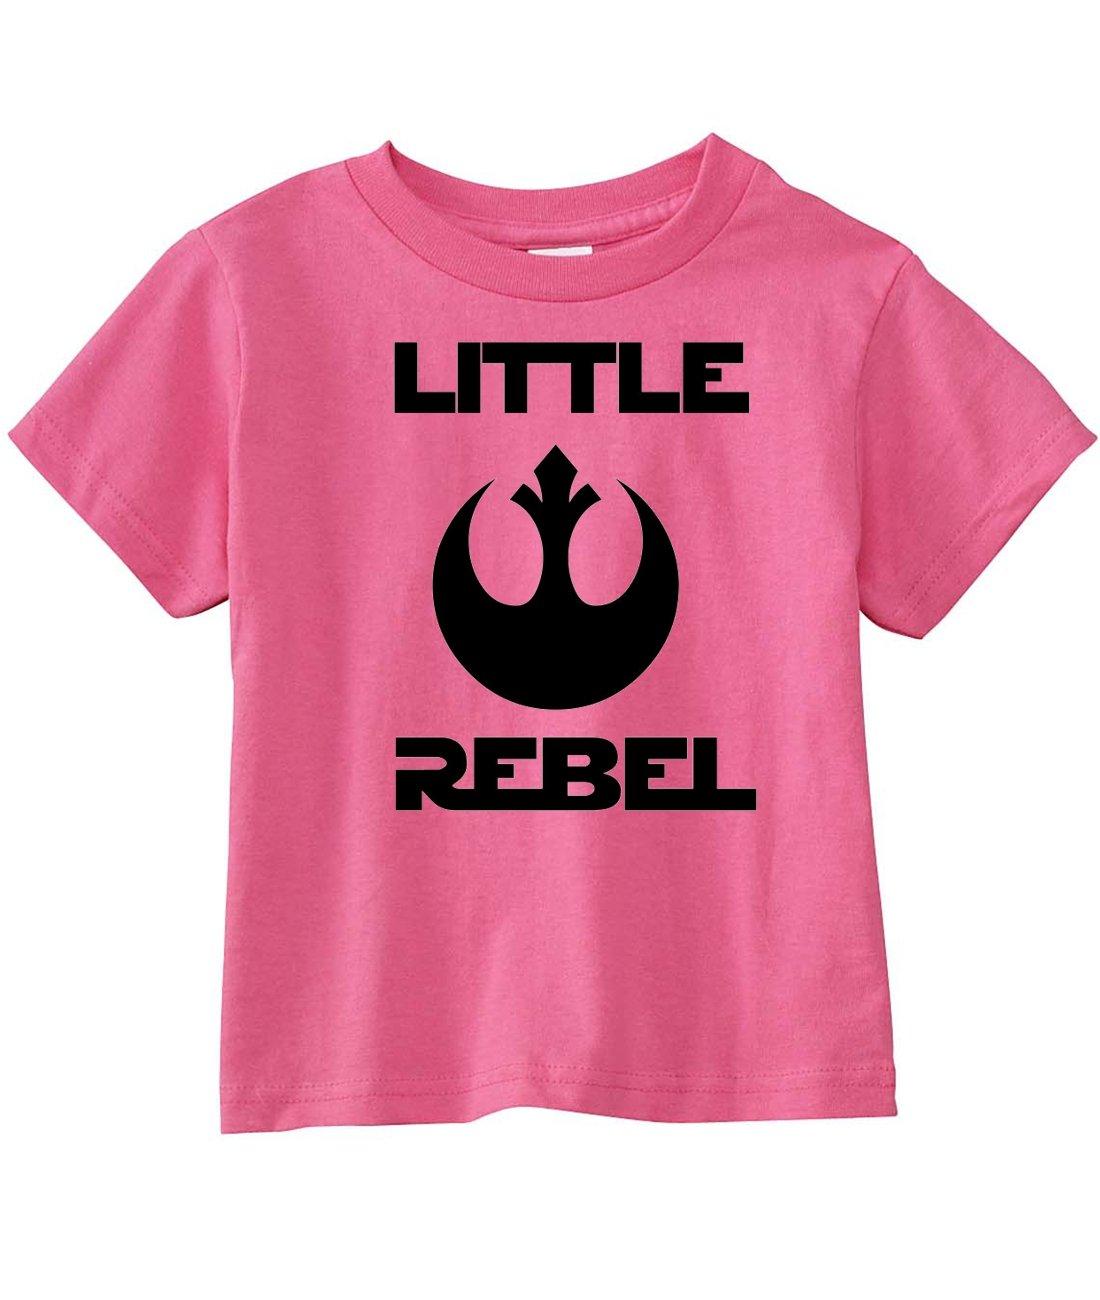 Little Rebel T Shirt 1297